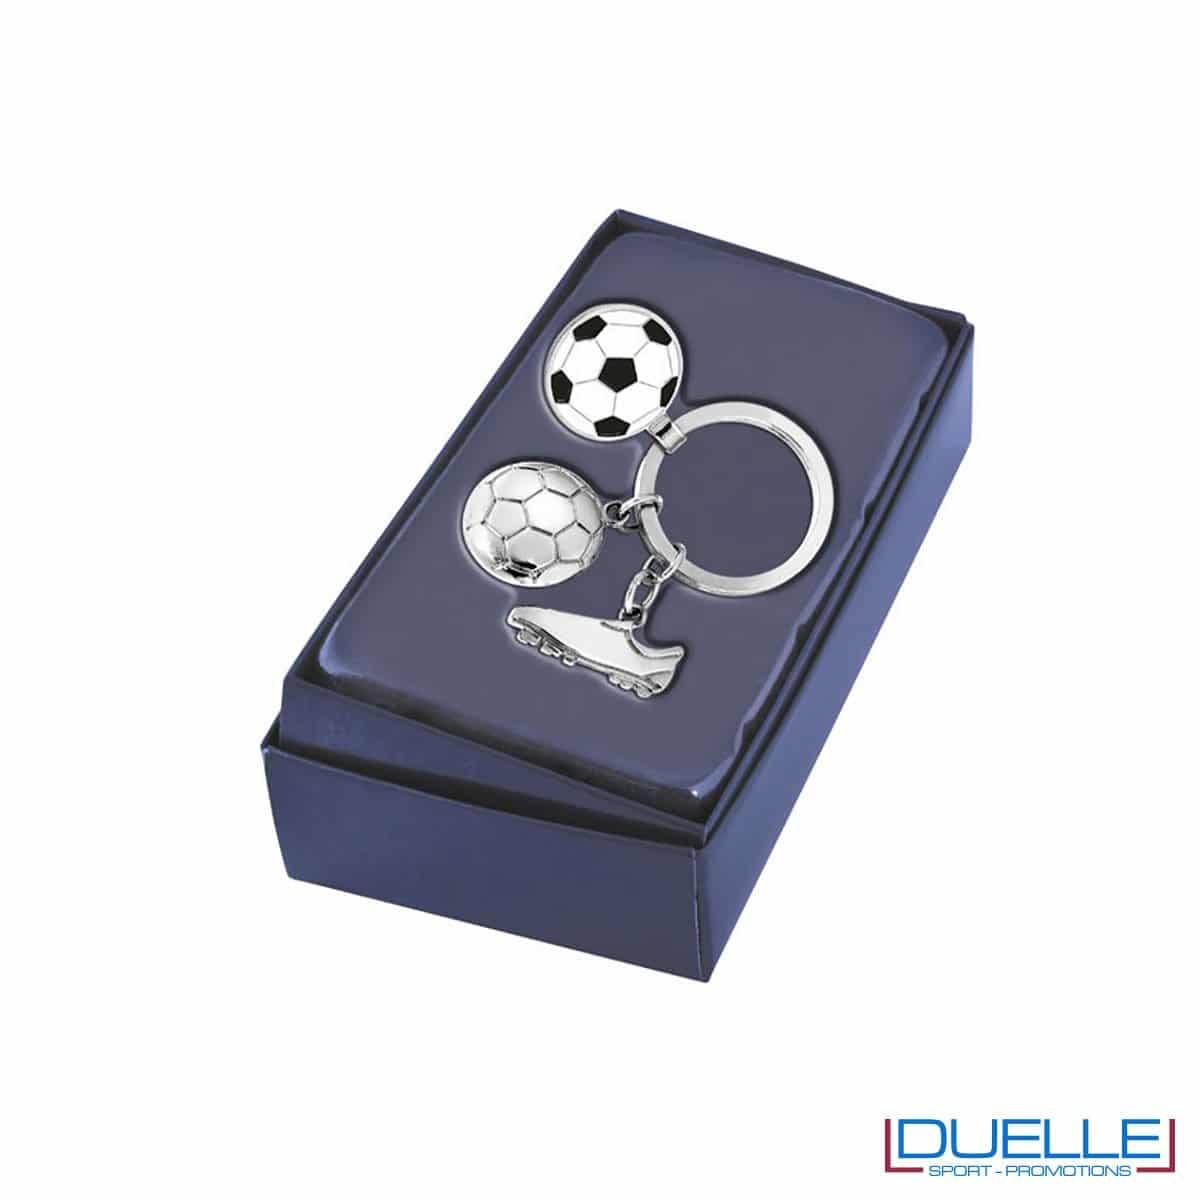 Portachiavi calcio in metallo personalizzato con confezione